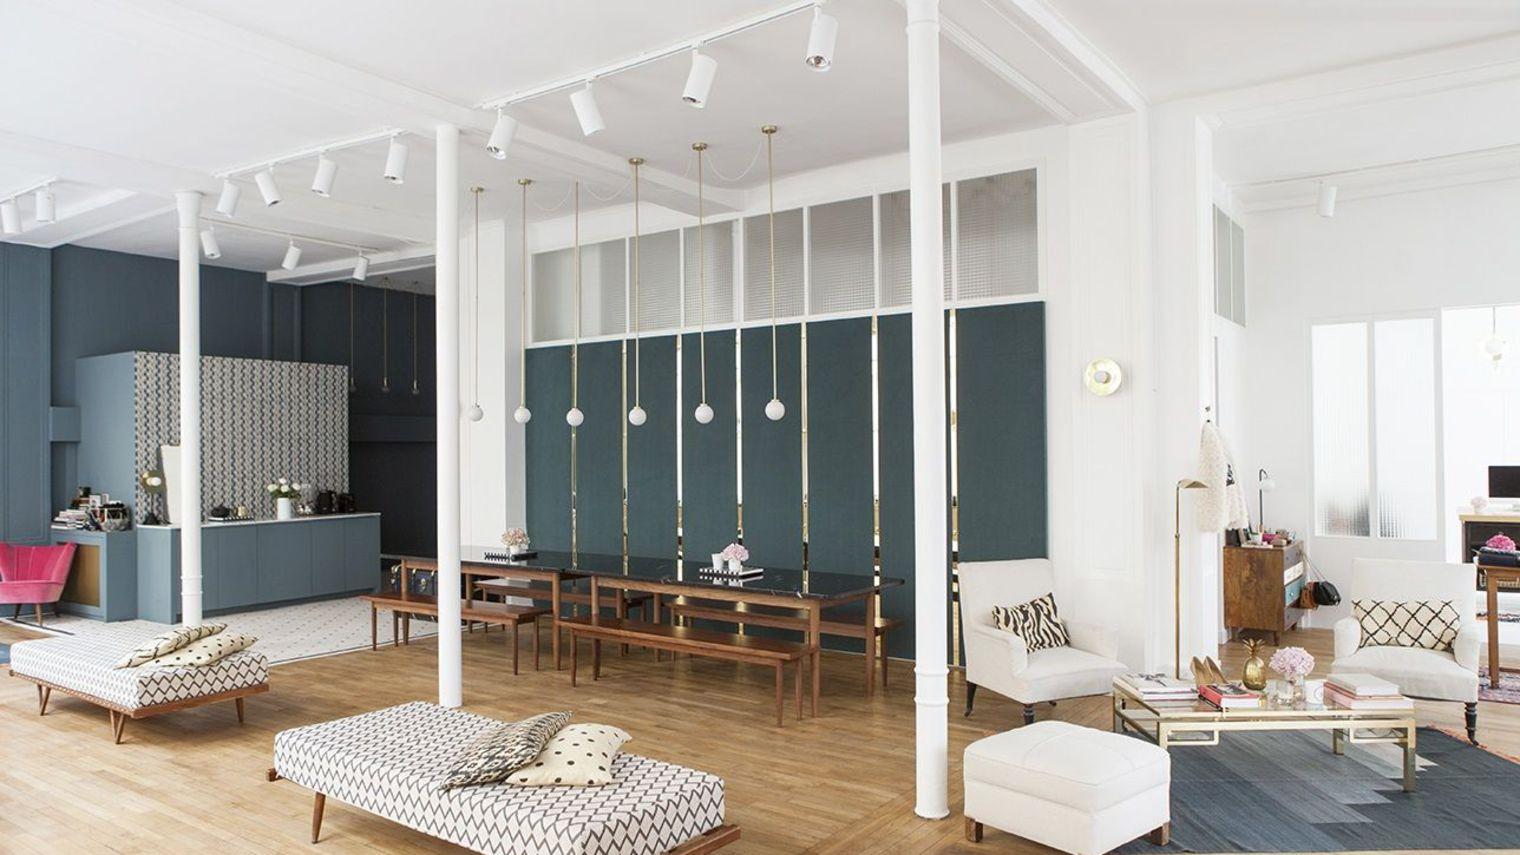 Location appartement Paris : suivez le guide